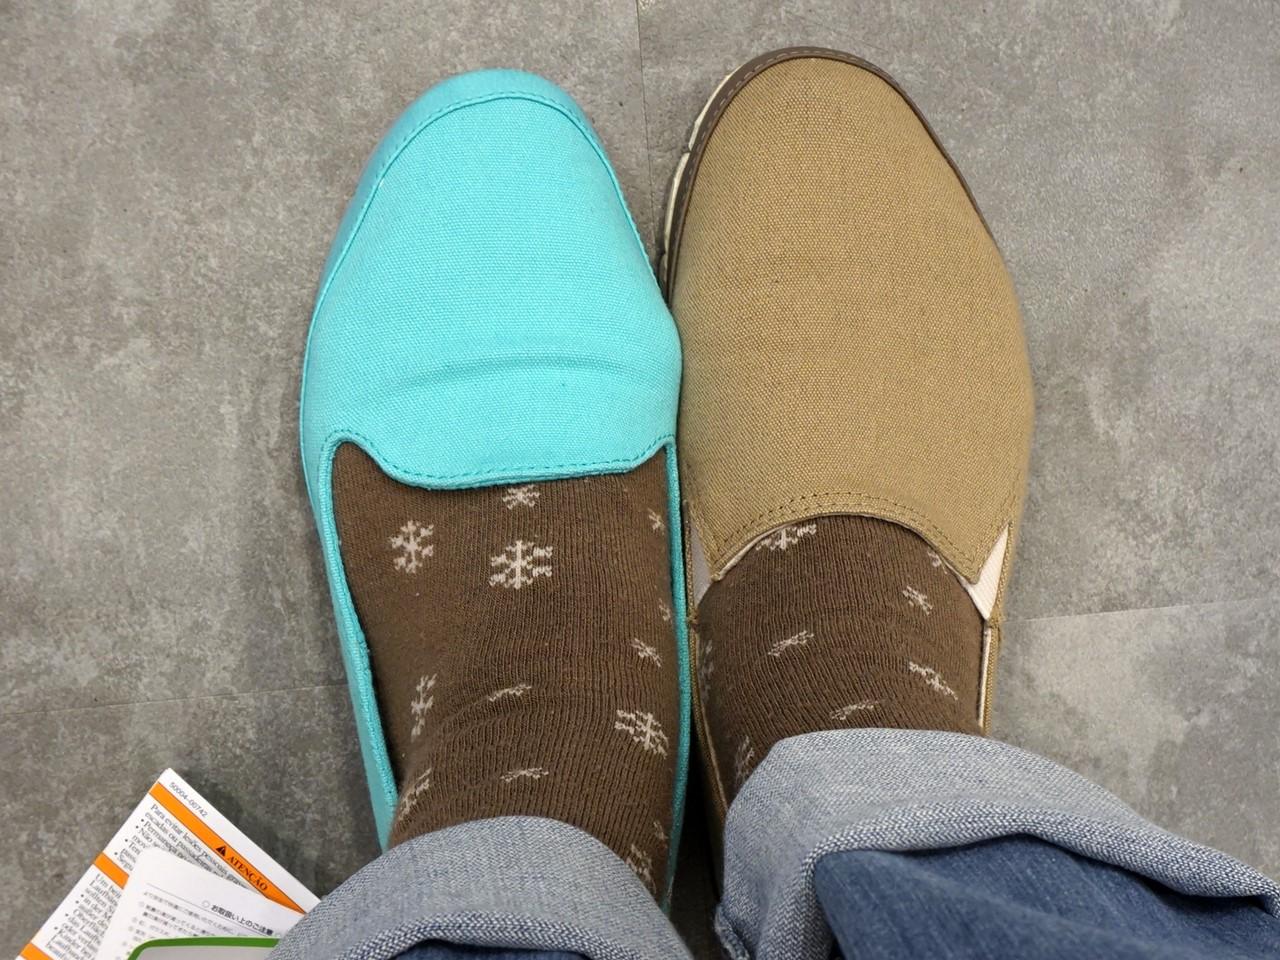 クロックスのキャンバス地のローファー新「stretch sole skimmer w ストレッチ ソール スキマー ウィメン」旧「stretch sole loafer w(ストレッチ ソール ローファー ウィメン)」履き比べ 上から見た図